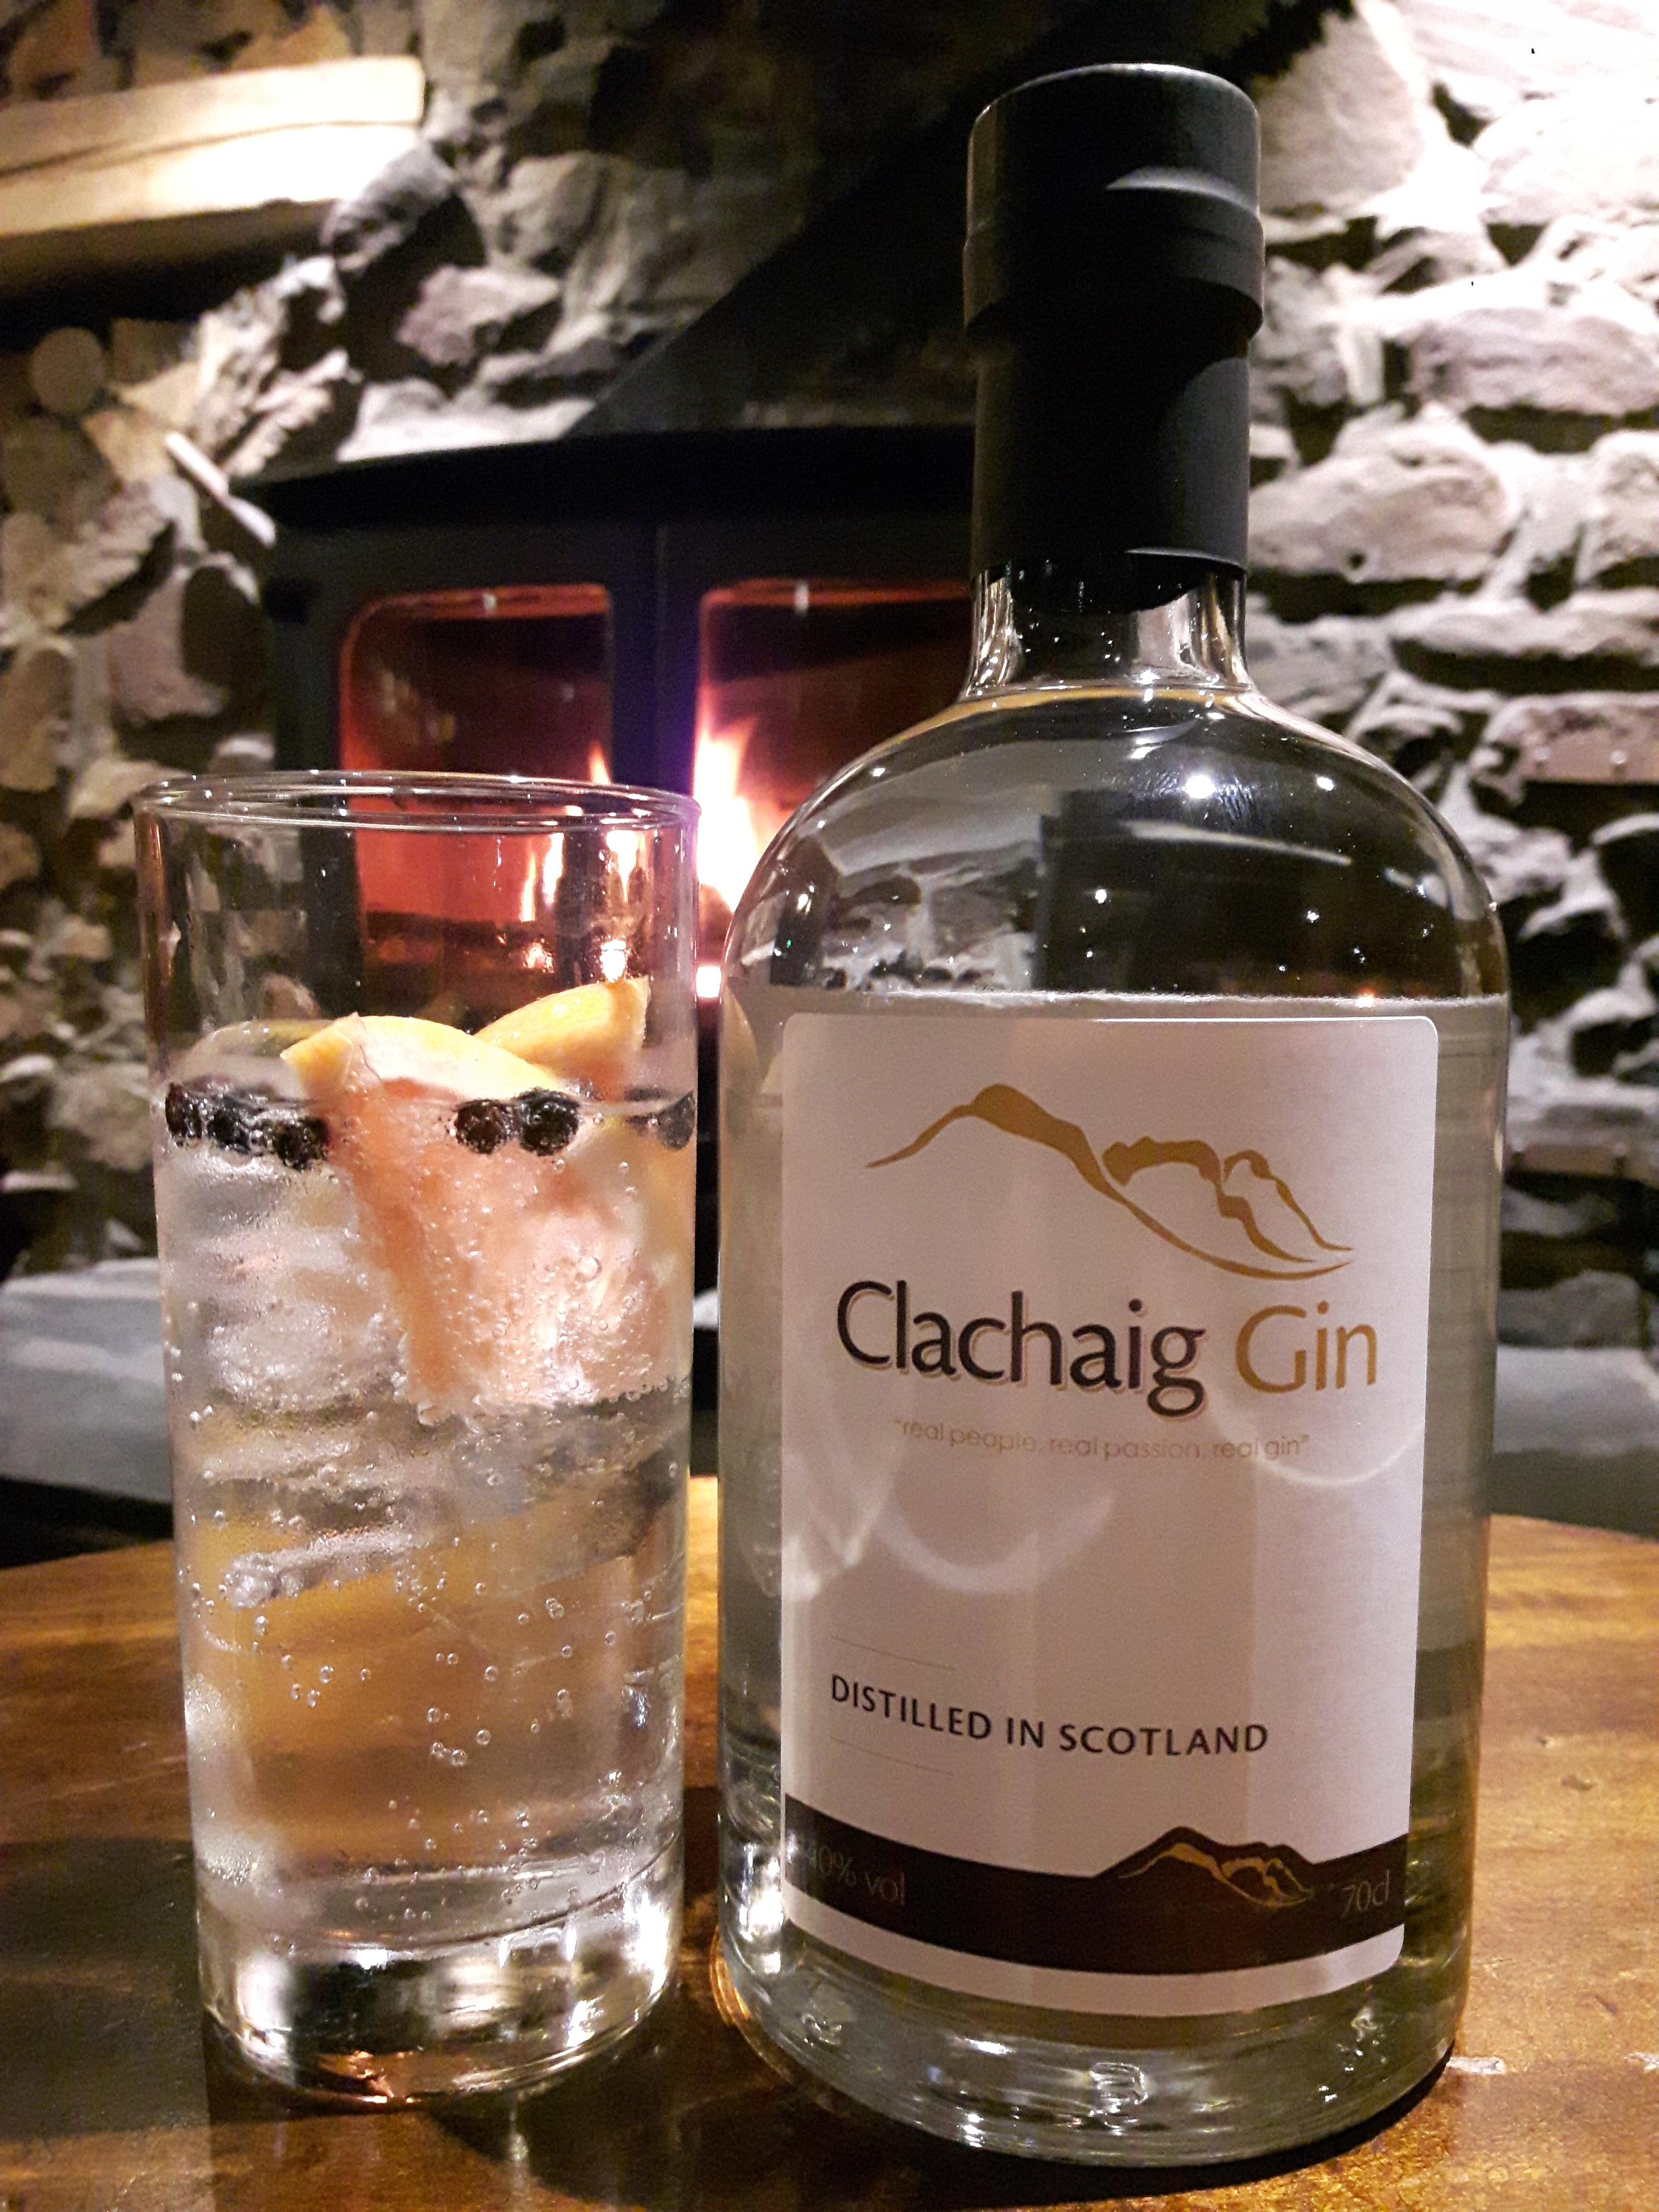 Clachaig Gin